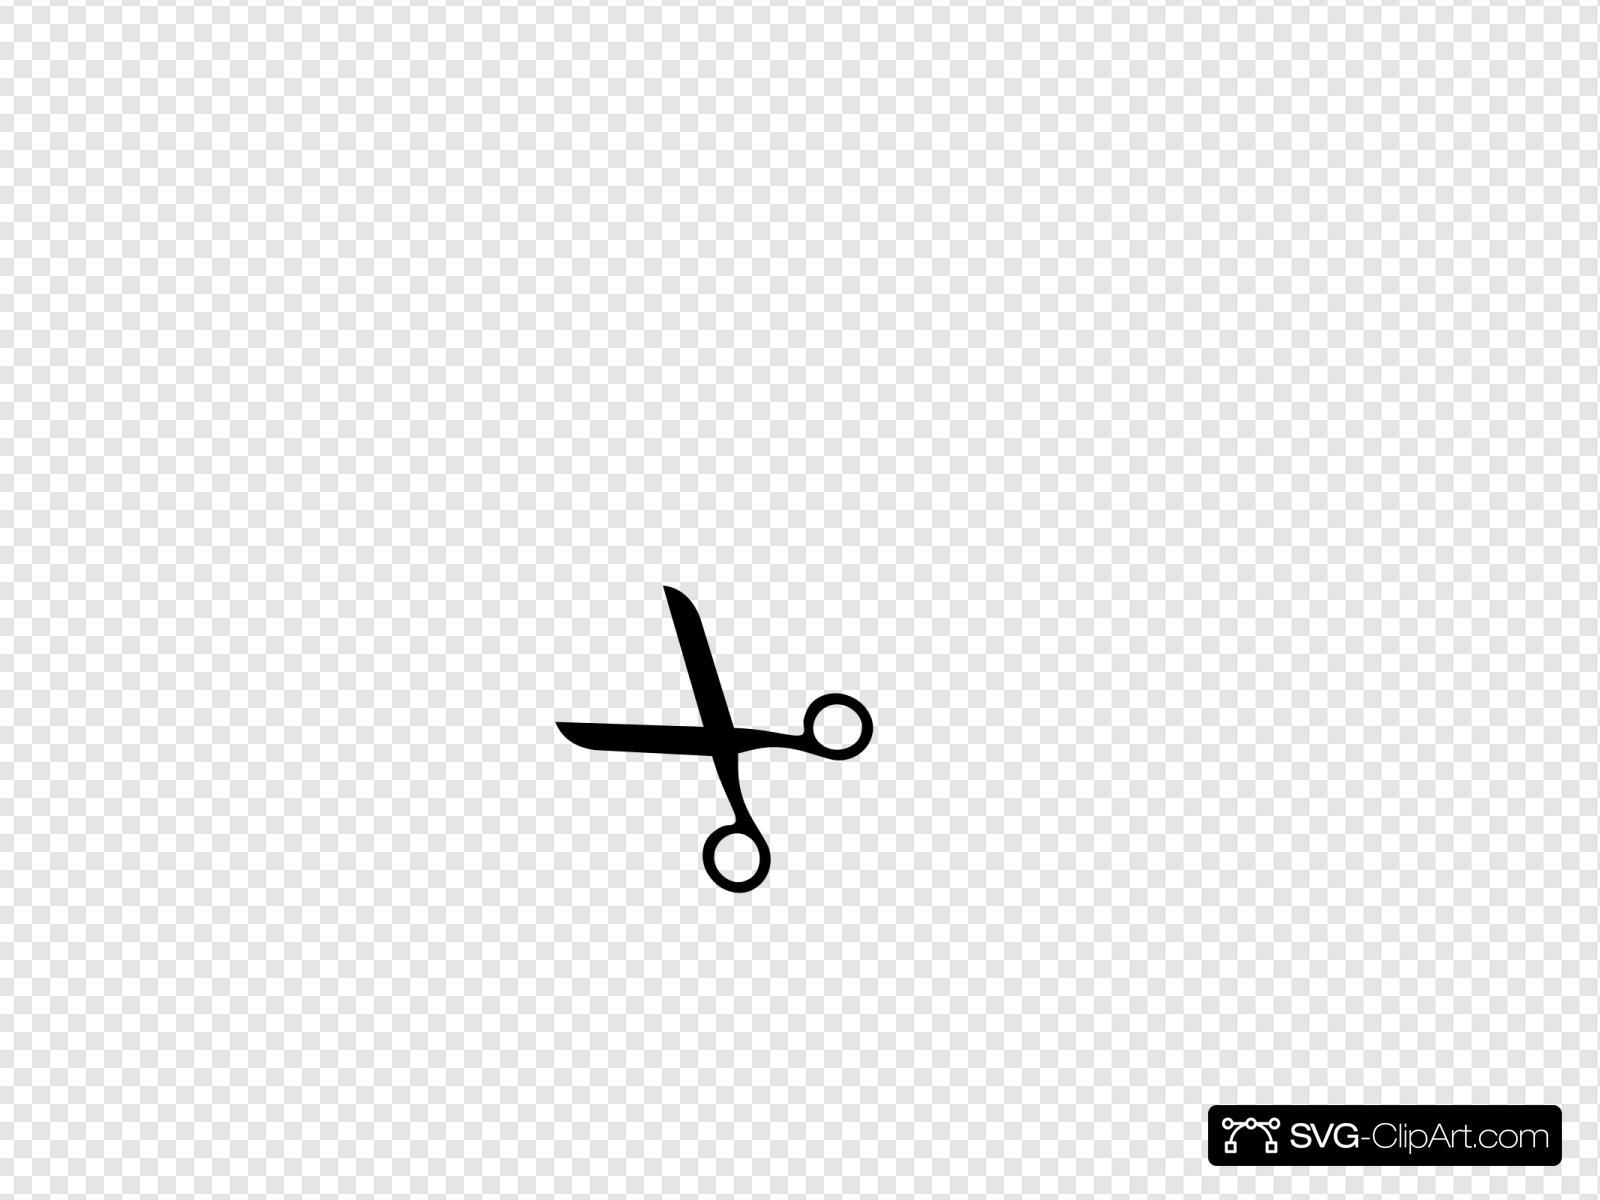 Scissors Clip Art at Clker.com - vector clip art online, royalty free &  public domain